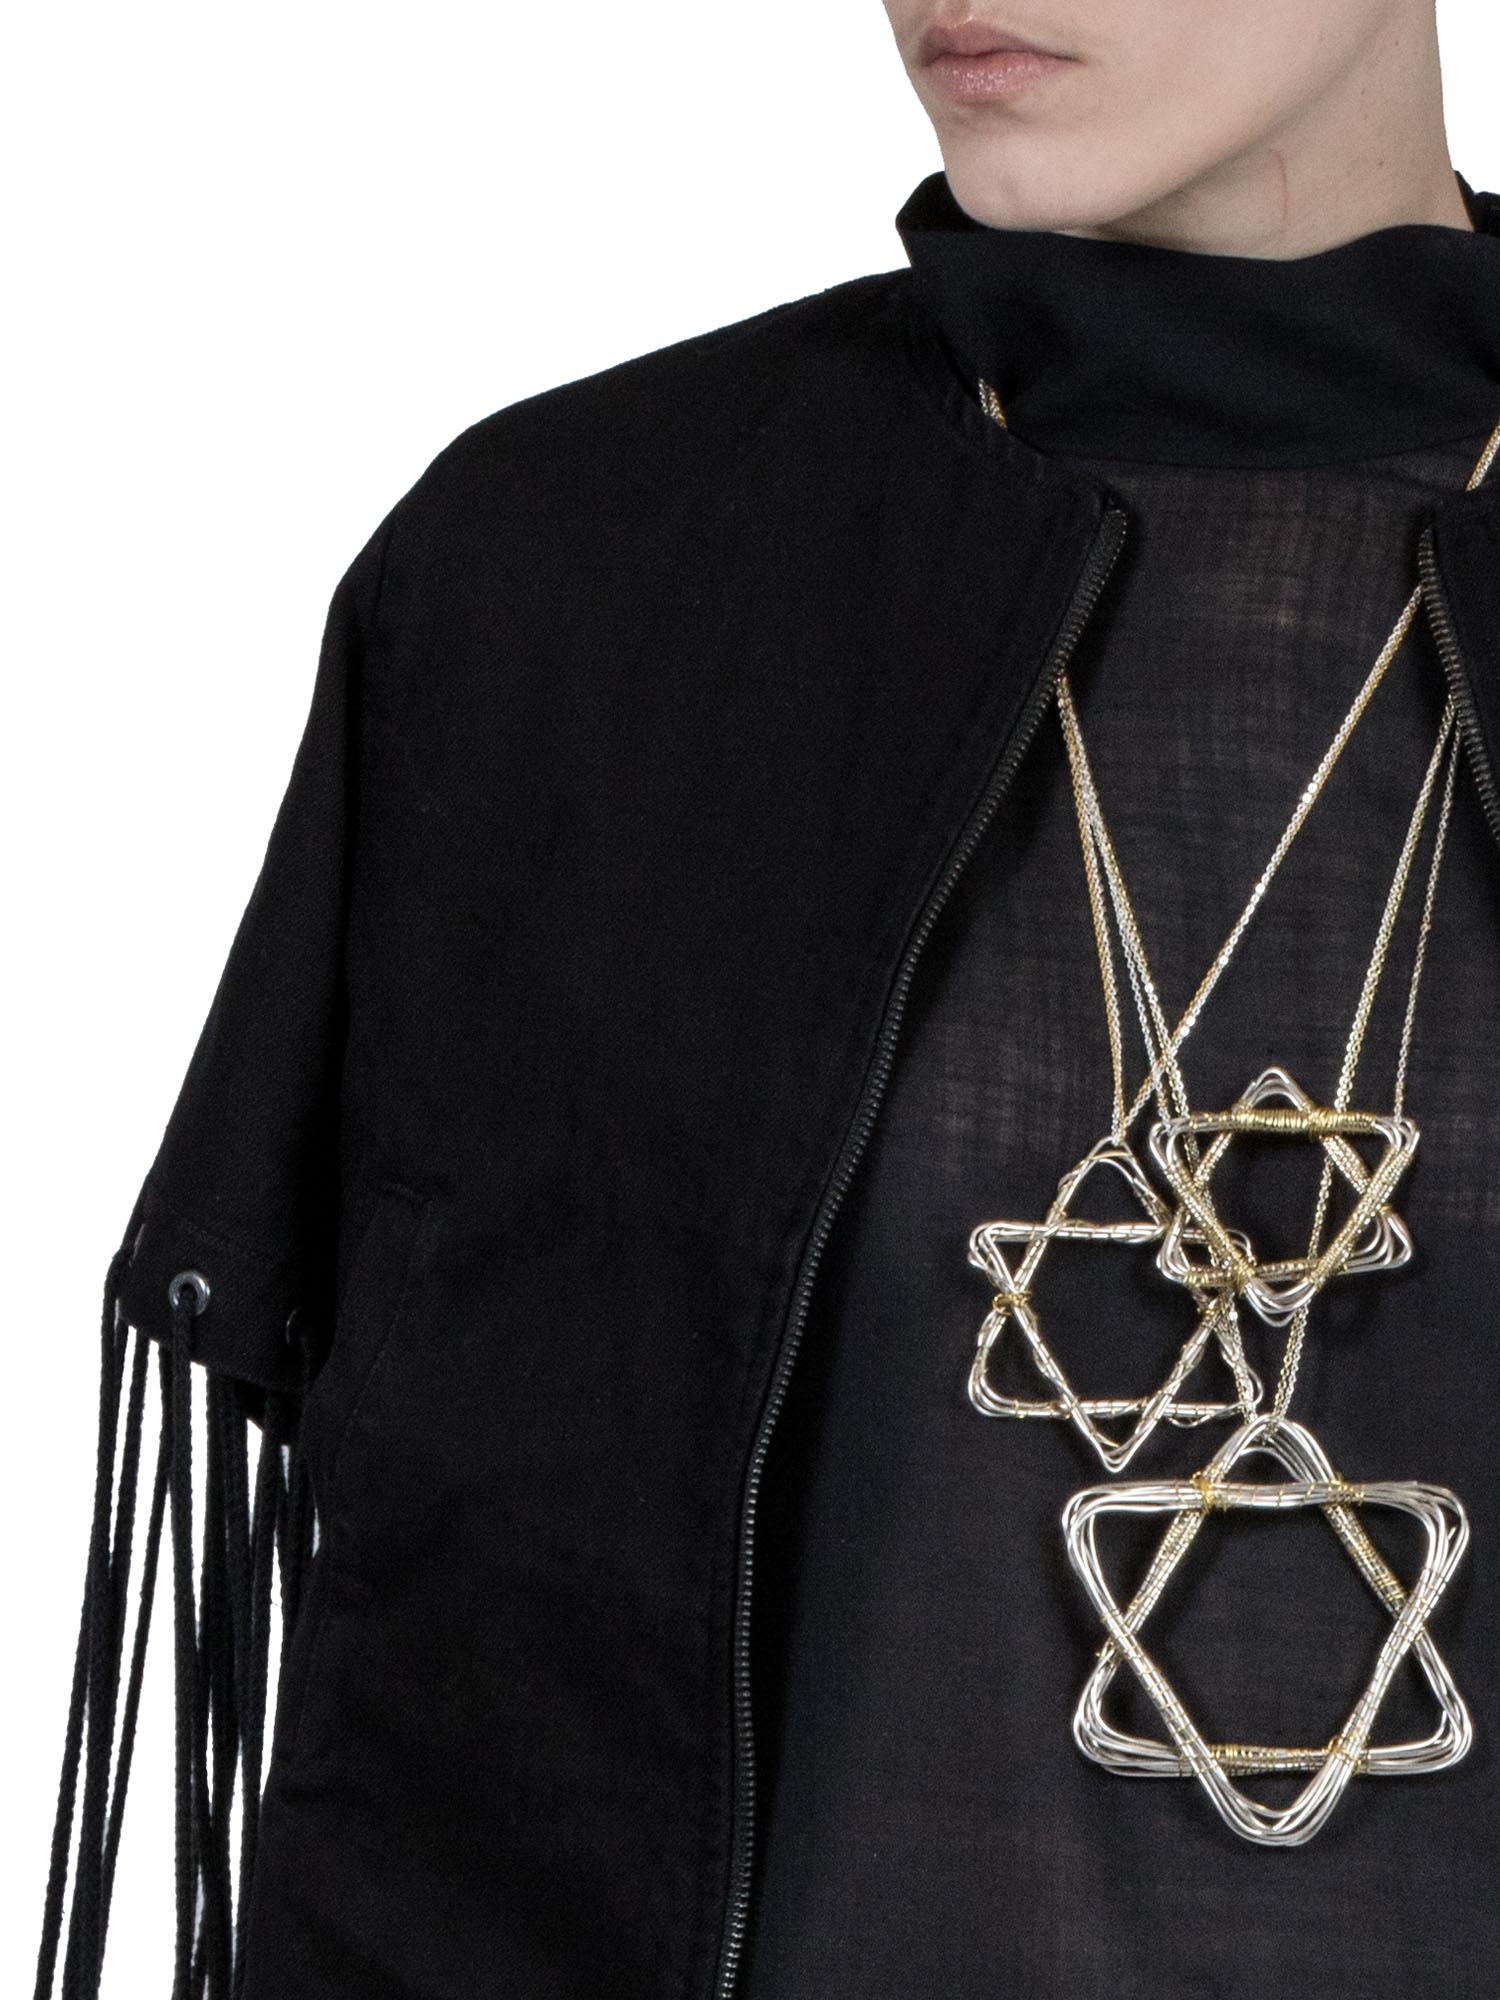 En av jakkene er i denim, fordi Rabinowitz var en av de første til å importere dongeri-jakker til Haugesund.